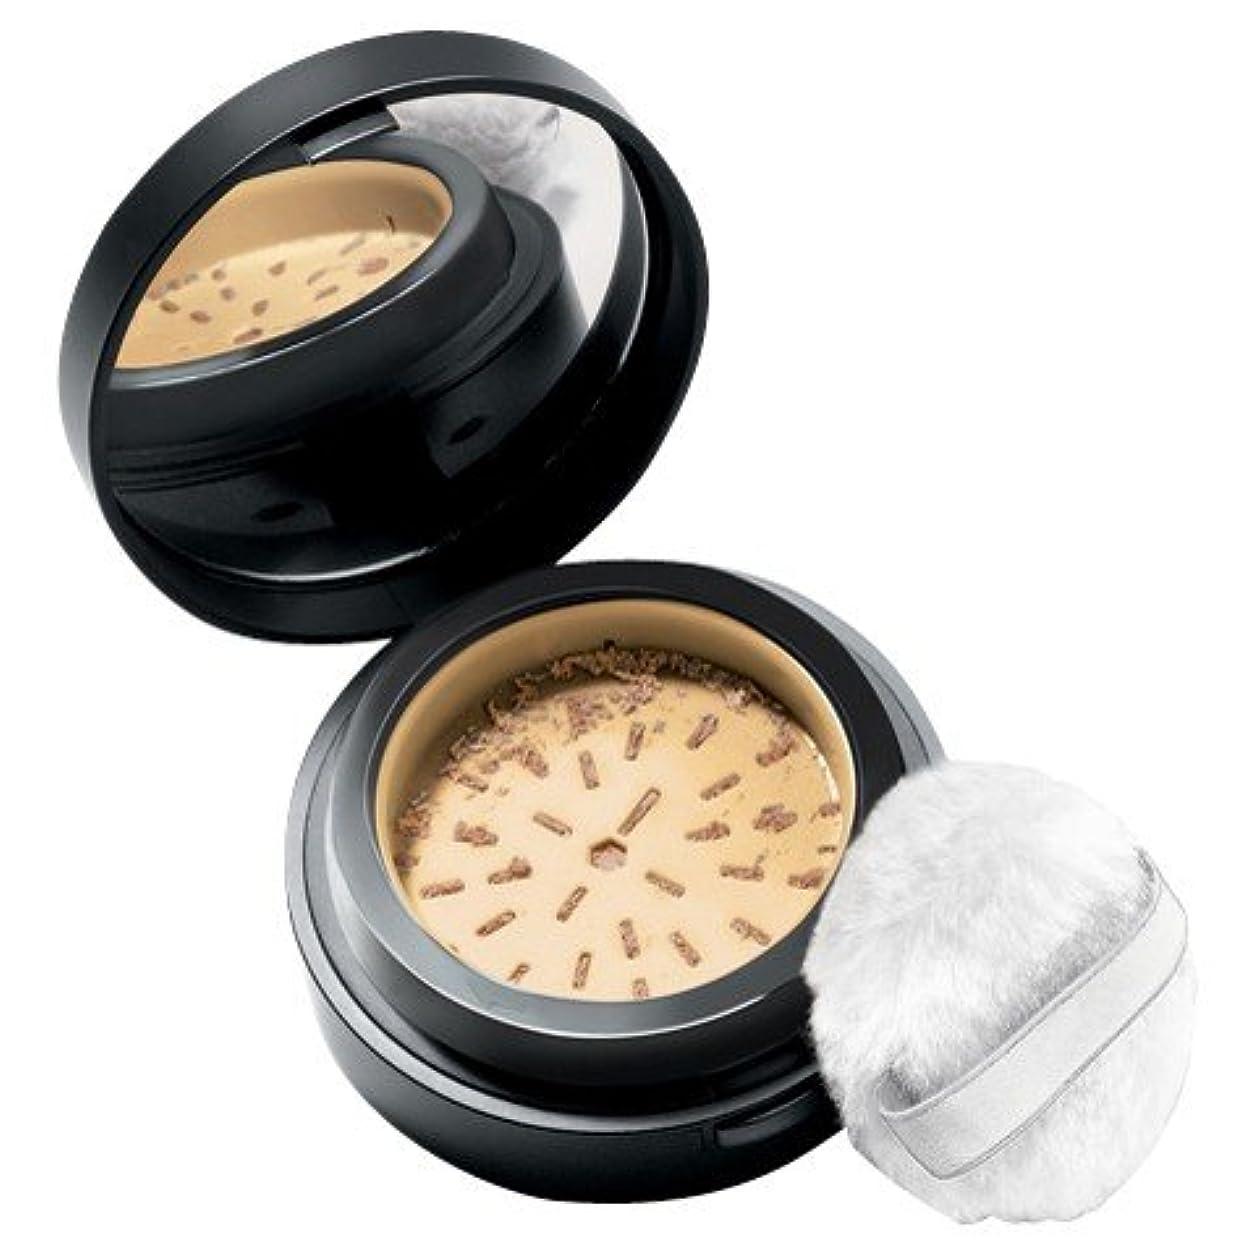 分類するコテージ版Elizabeth Arden Pure Finish Mineral Powder Foundation SPF 20 Shade 5 (Pack of 6) - エリザベスは、純粋なフィニッシュミネラルパウダーファンデーション 20シェード5をアーデン x6 [並行輸入品]